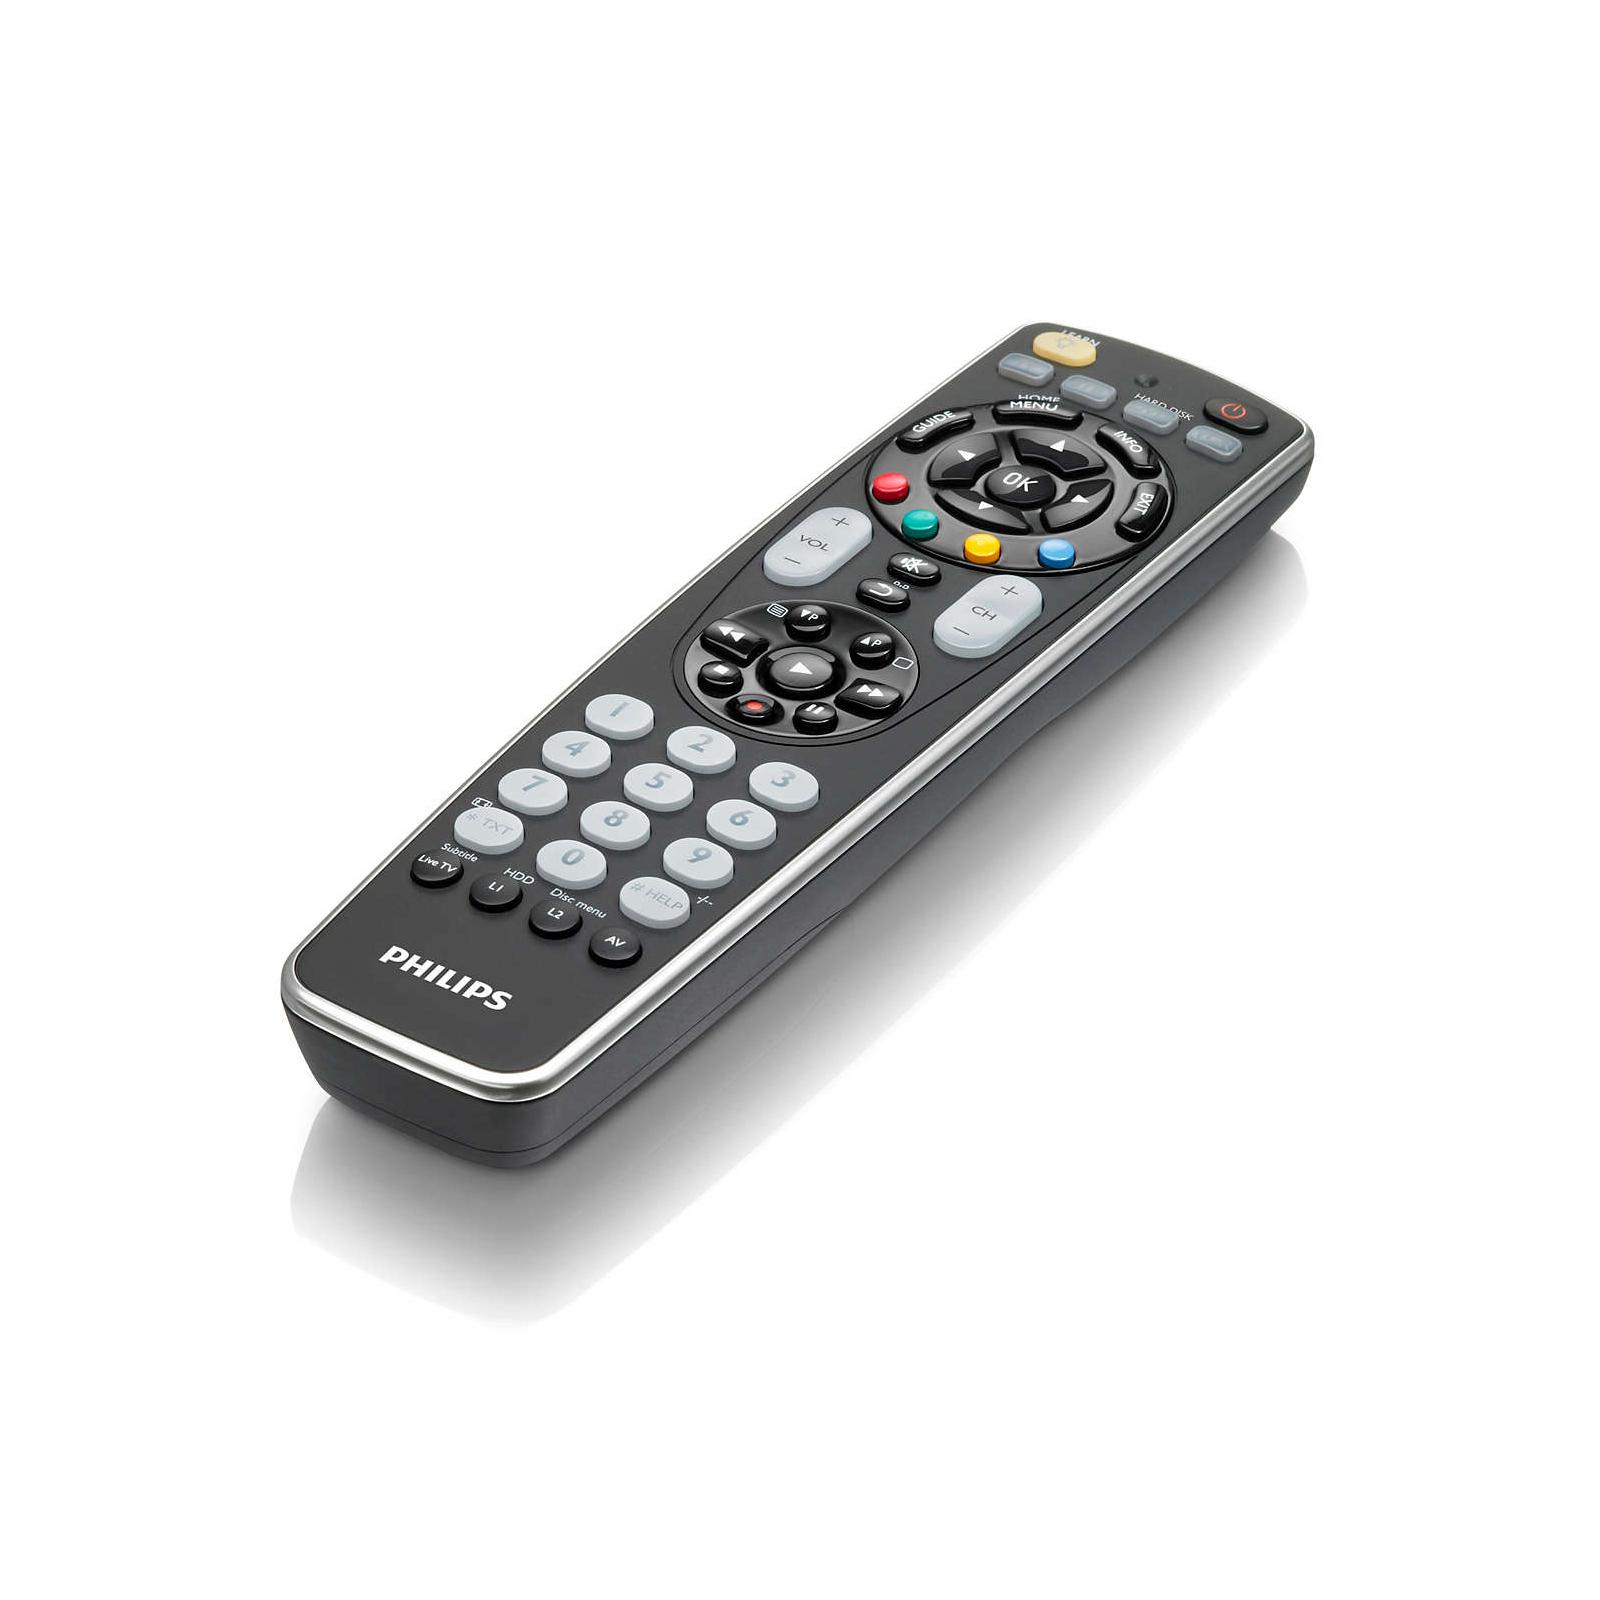 Пульт ДУ для телевизора PHILIPS SRP5004 (SRP5004/53) изображение 5